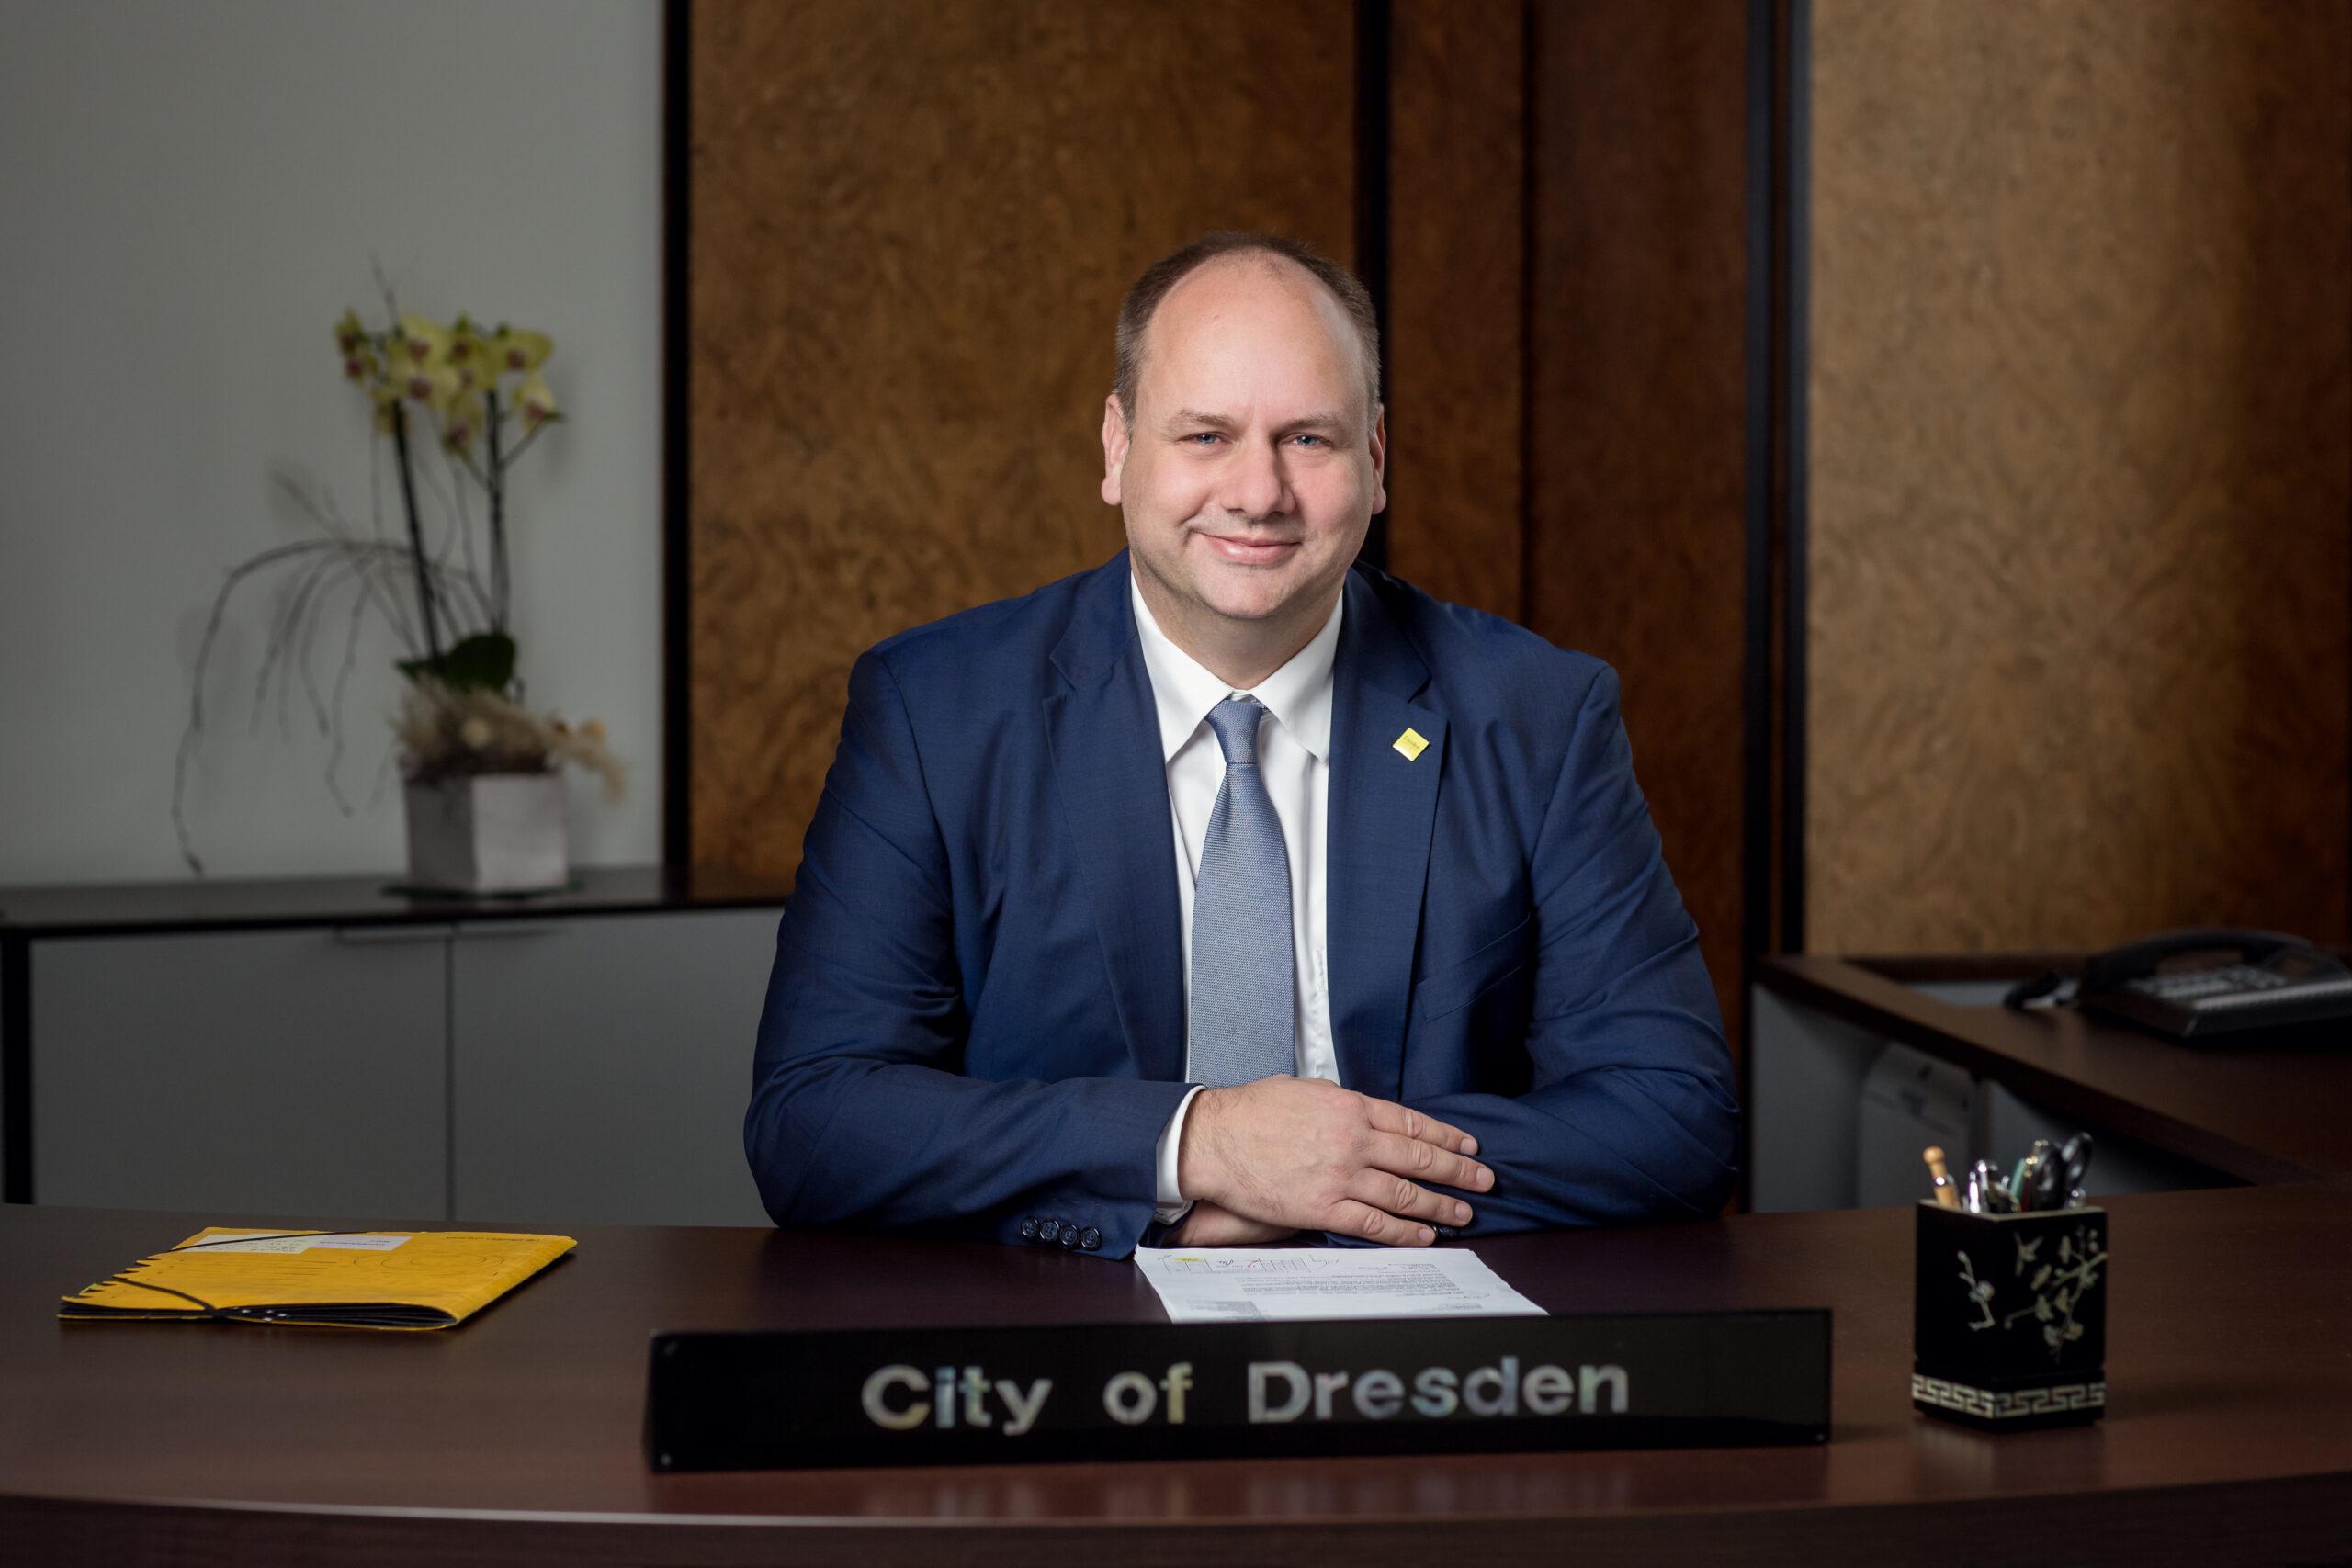 Bürgermeister Hilbert